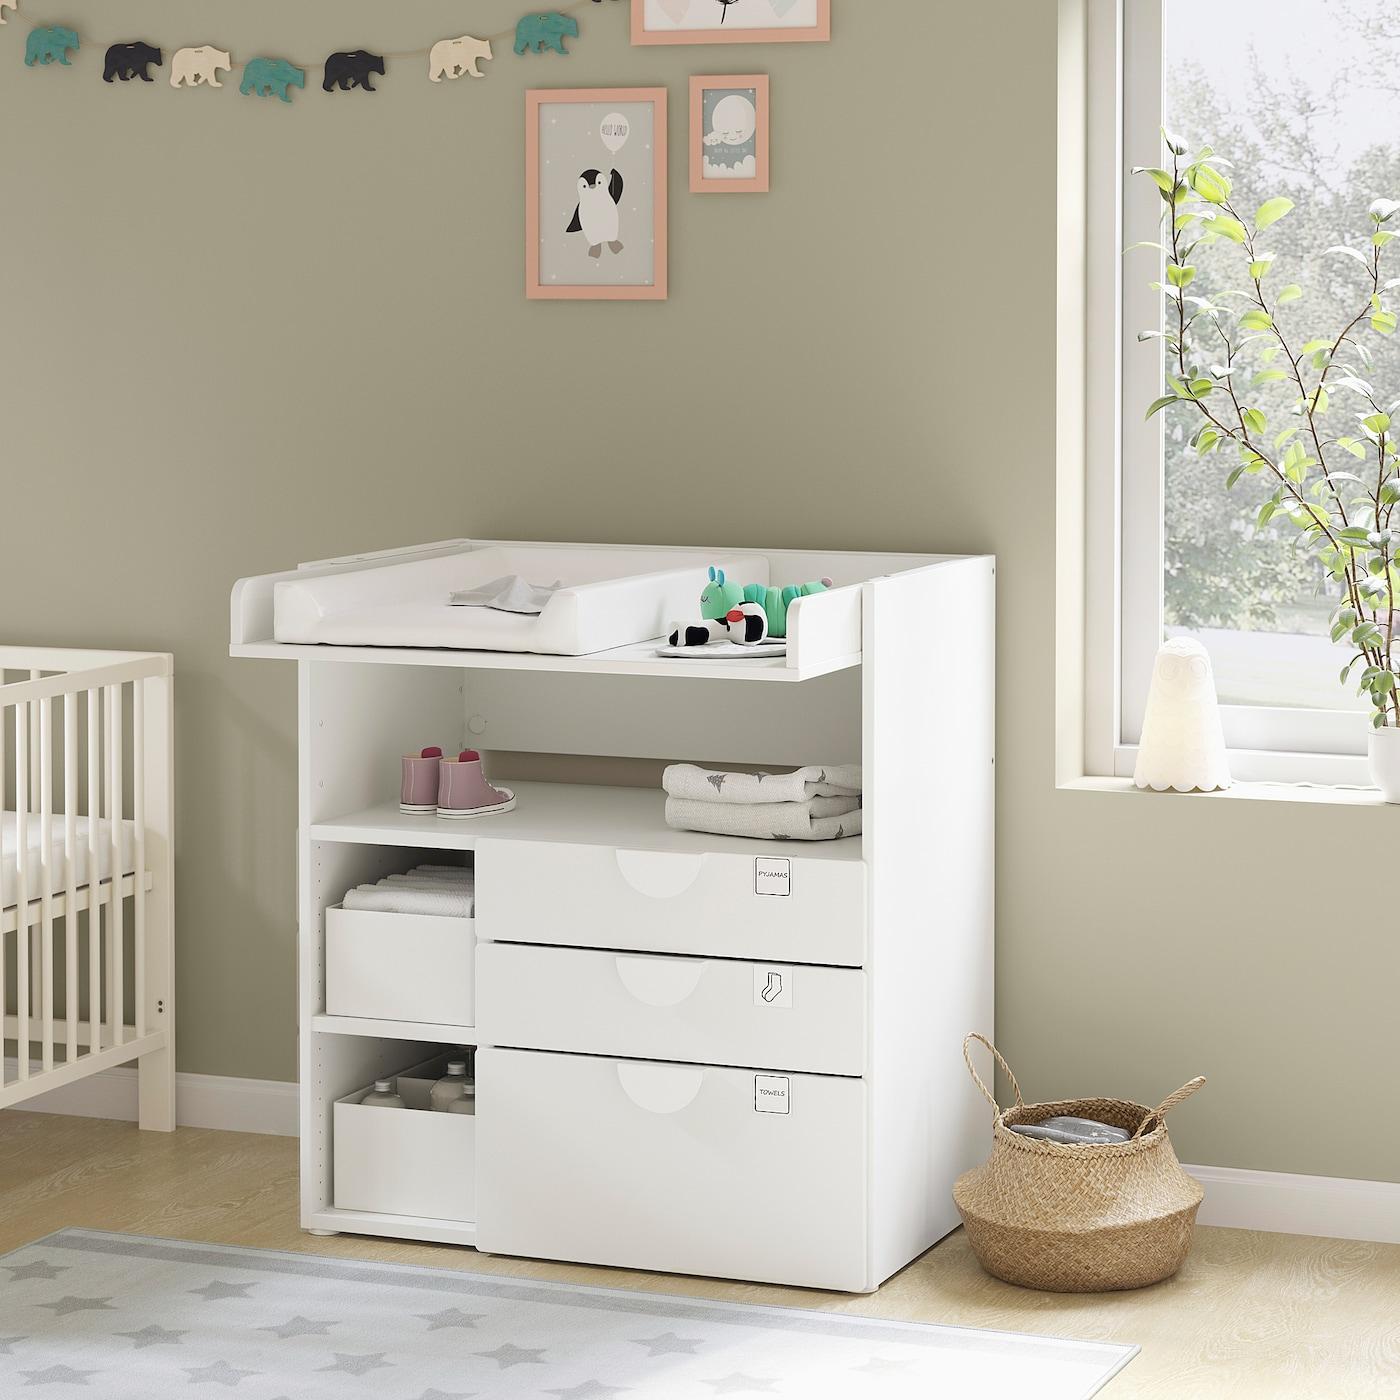 SMÅSTAD PLATSA Regal weiß blassrosa3 Schubladen IKEA